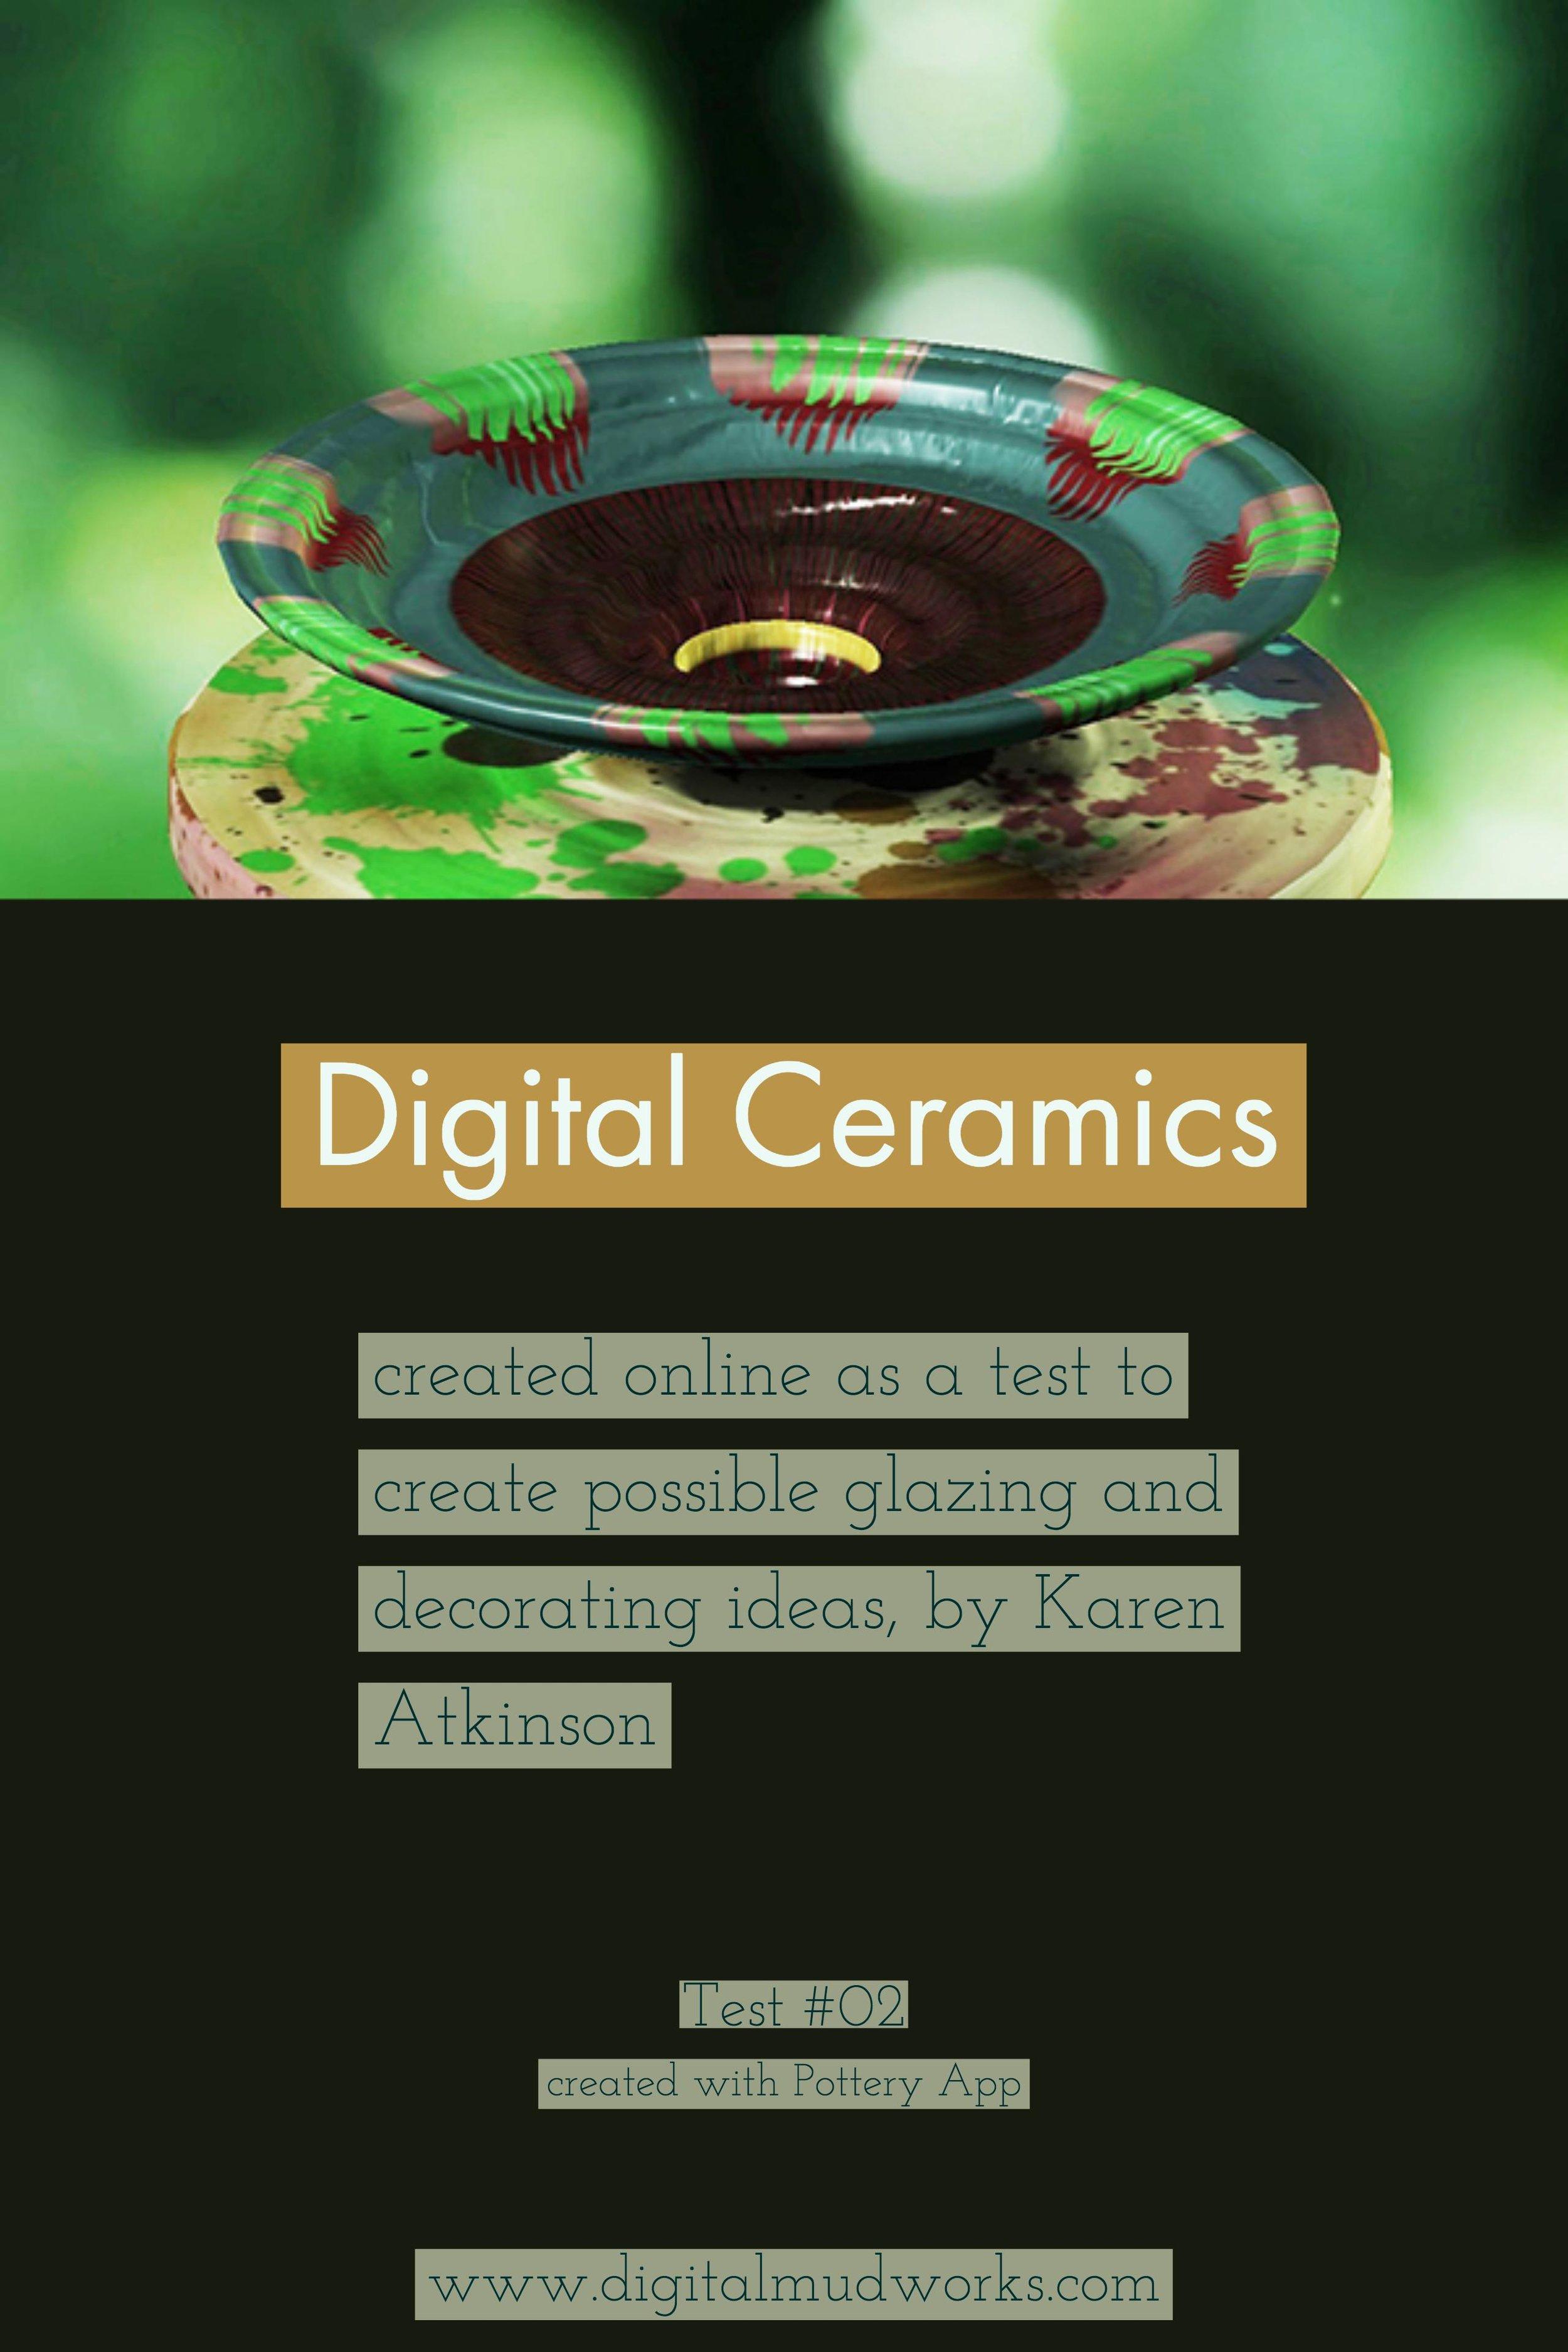 Digital Ceramics Test 02, using a computer app to do glaze and design tests. by Karen Atkinson